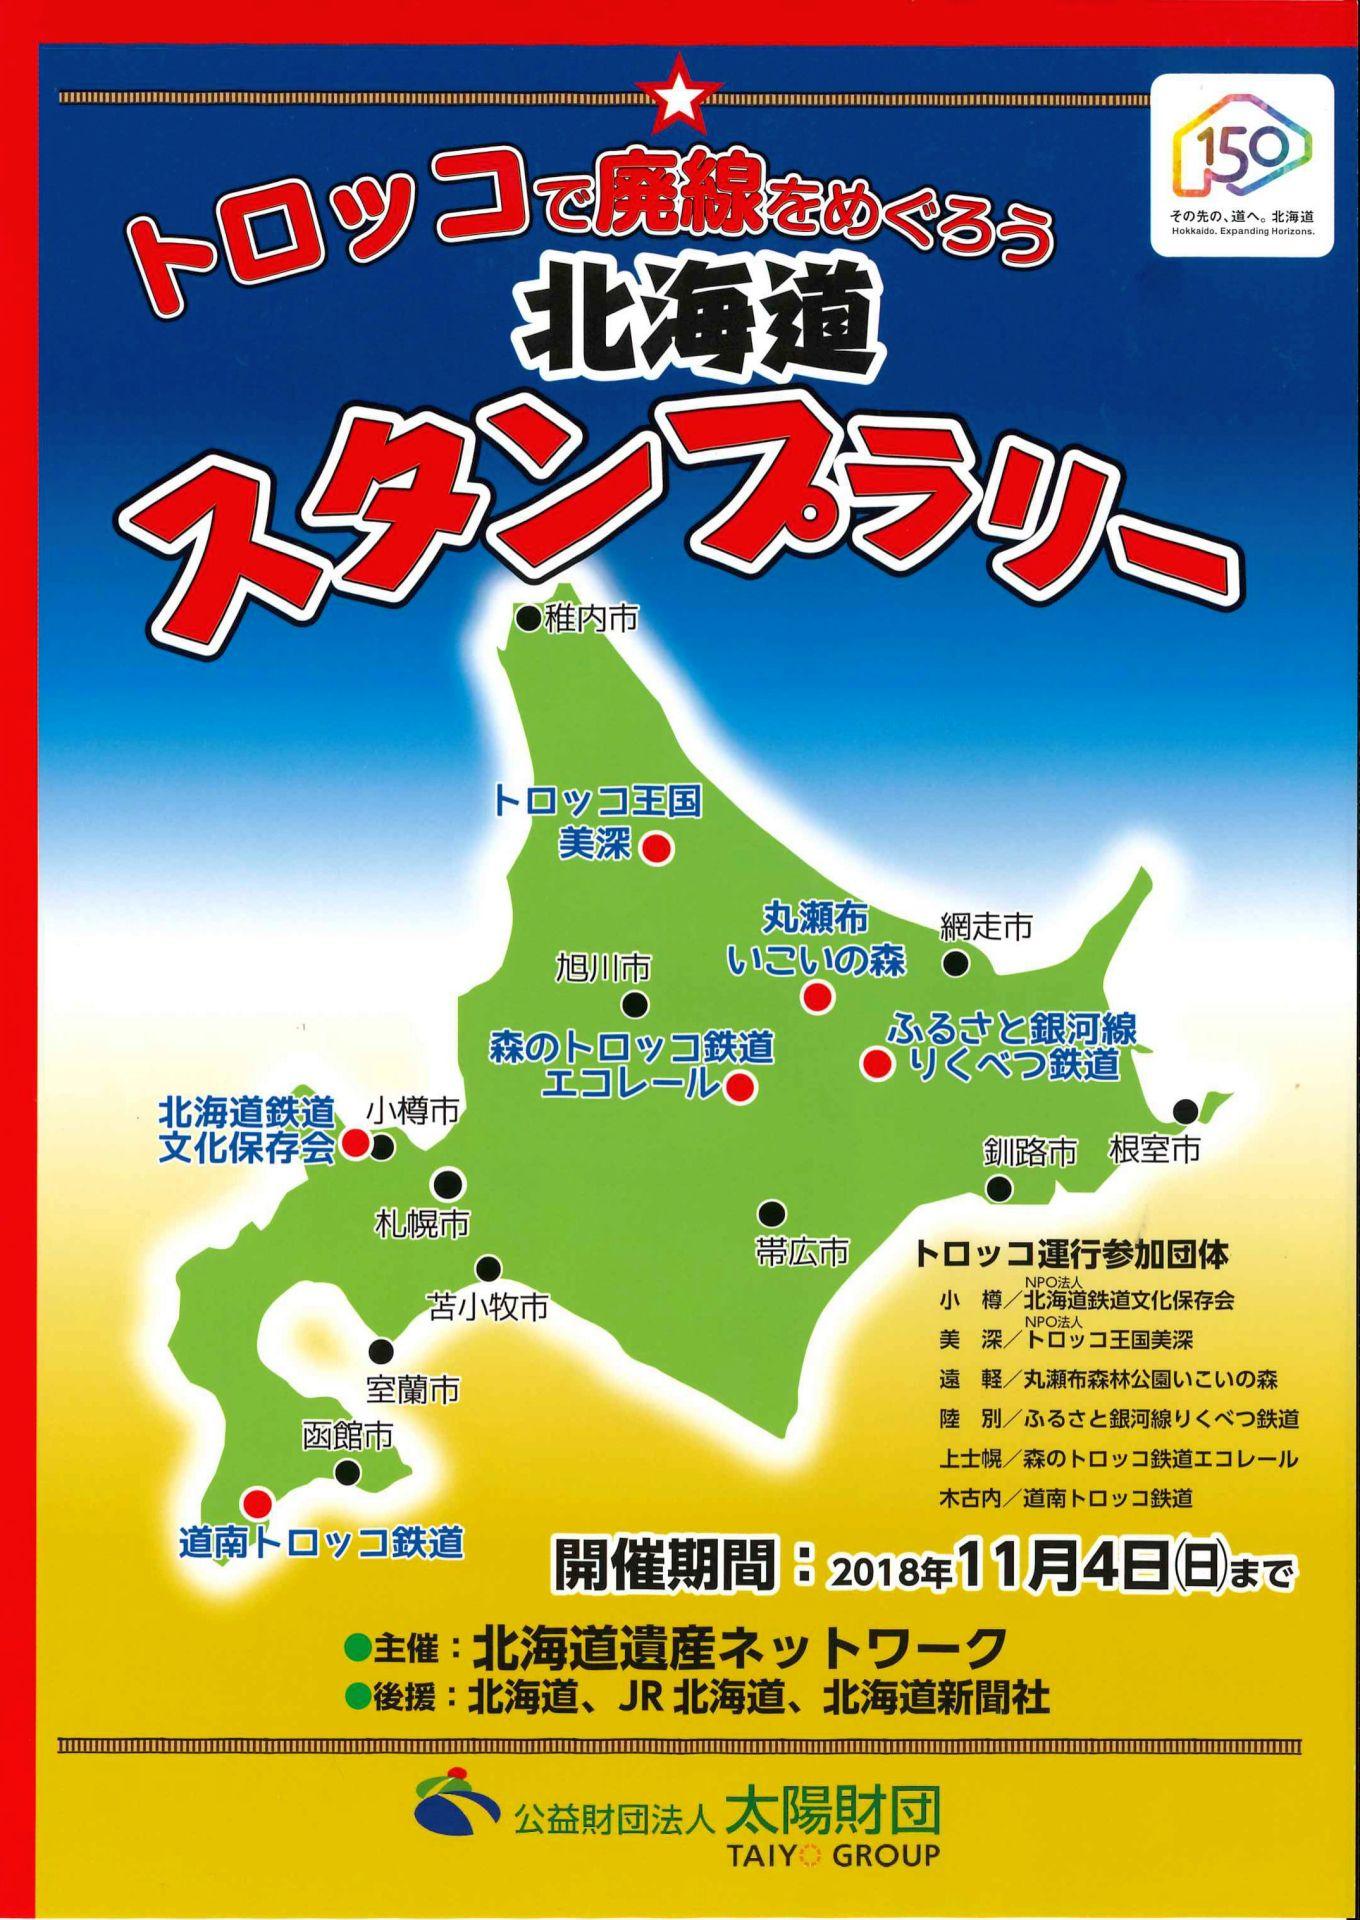 北海道内6ヶ所のトロッコをめぐるスタンプラリー開催中!